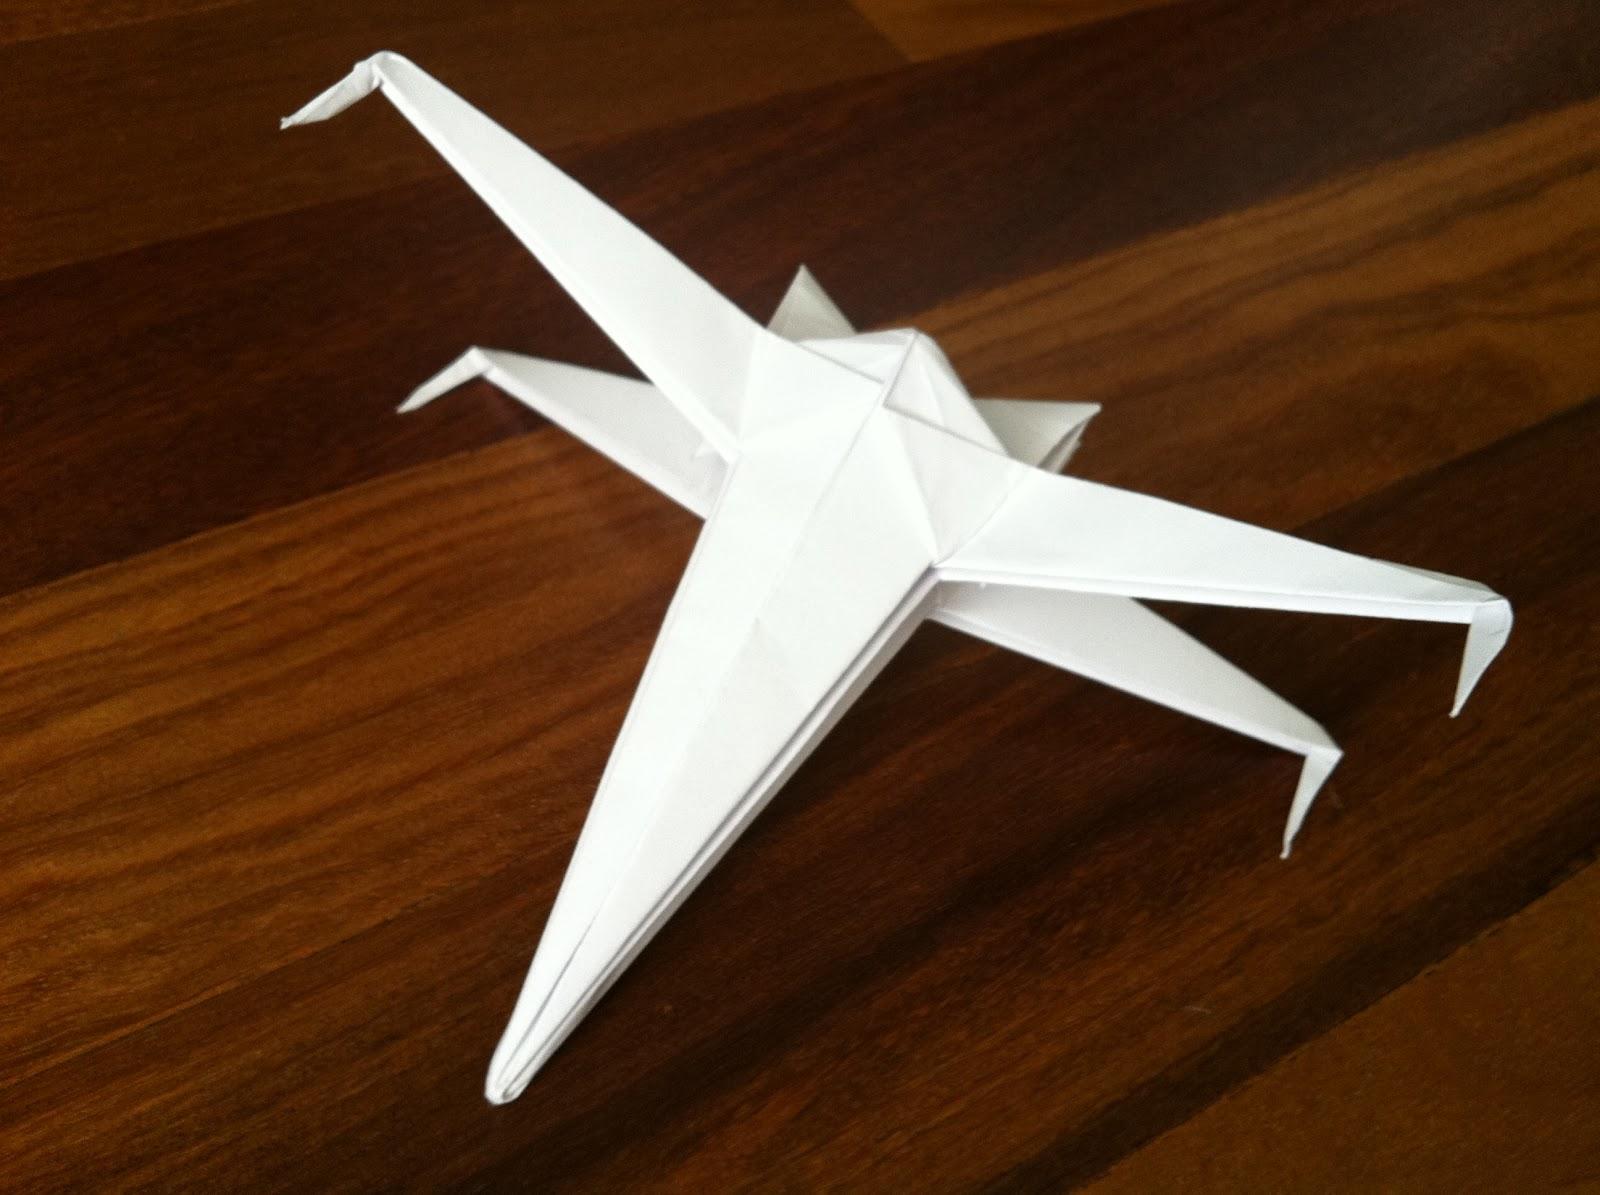 The Contemplative Creative: Origami Fun - photo#29